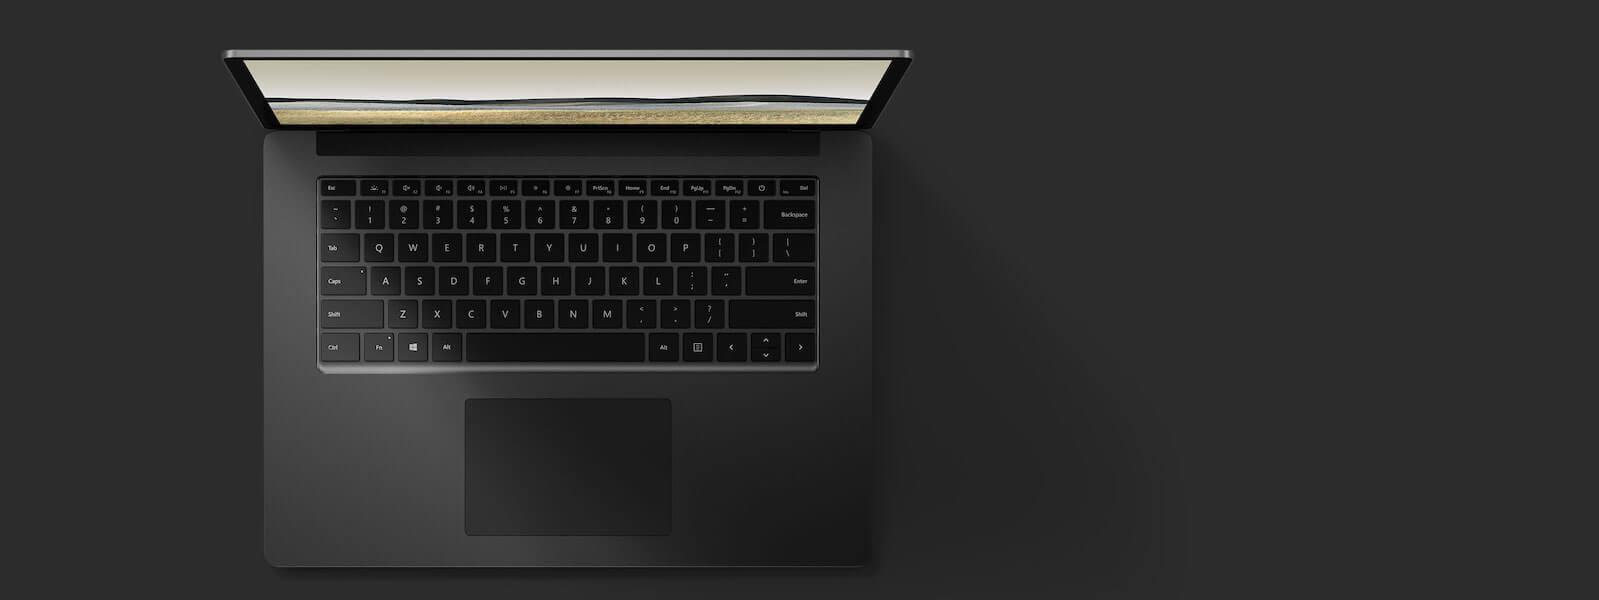 典雅黑 15 英寸 Surface Laptop 3 俯视图